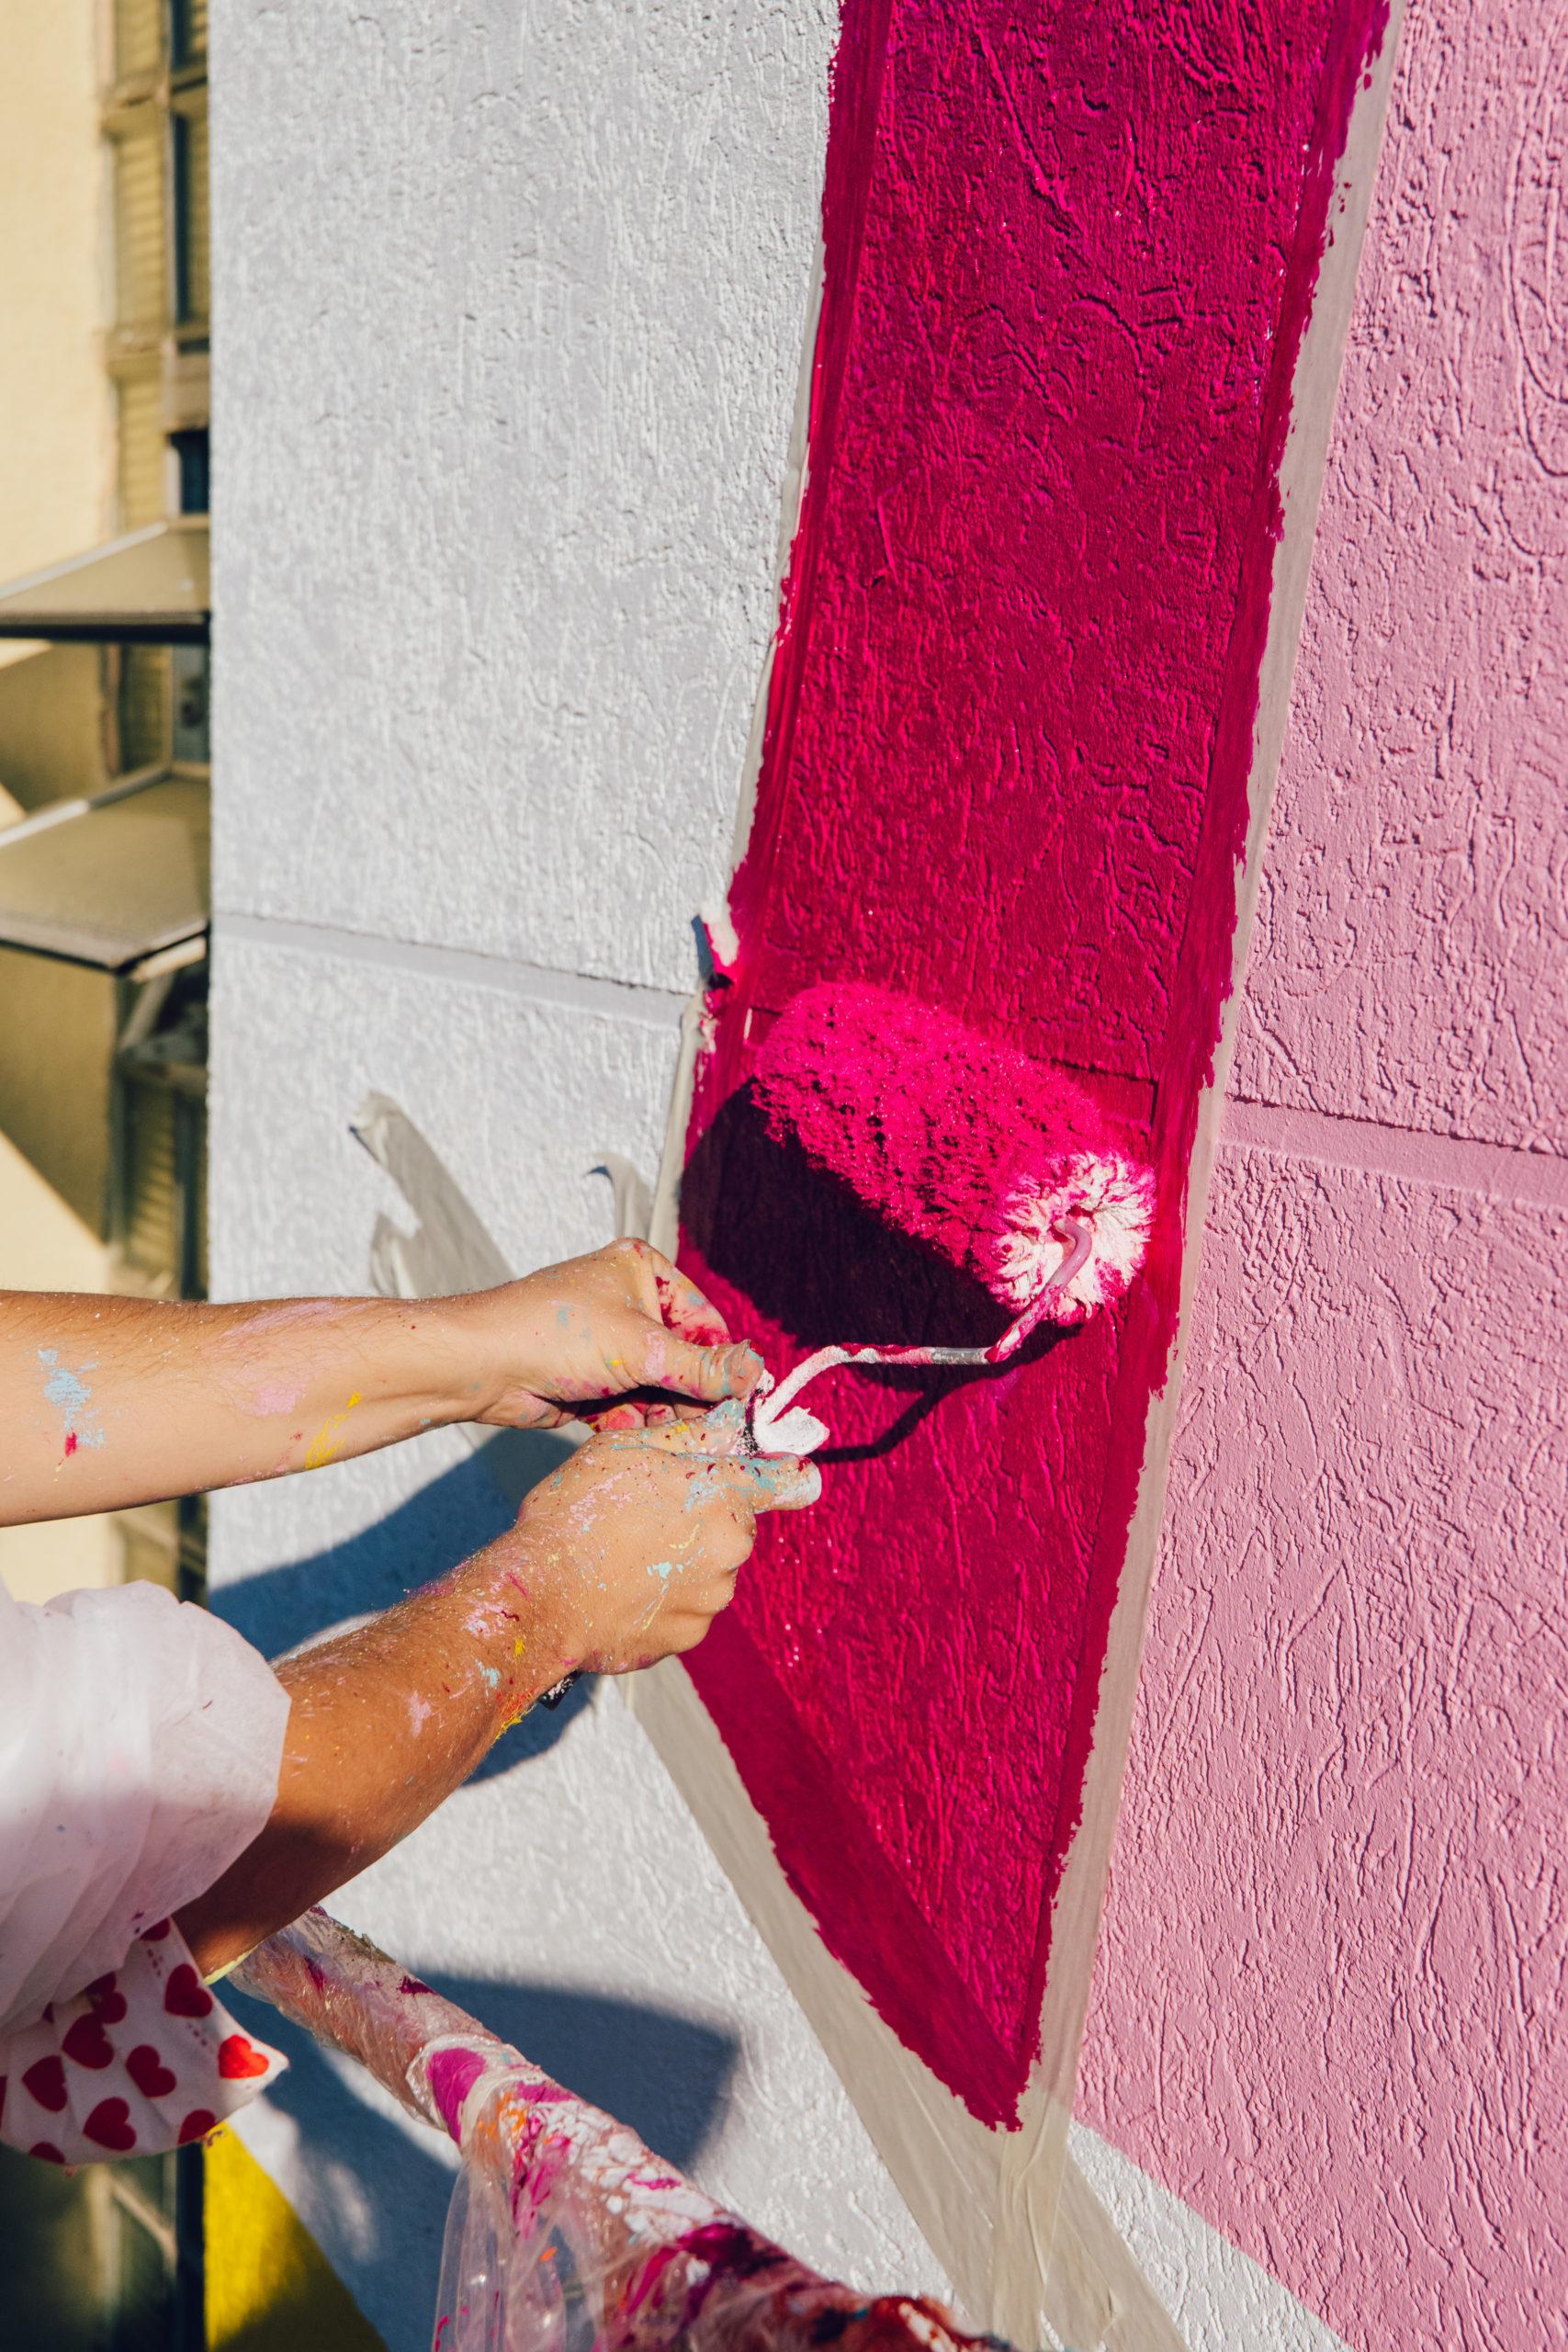 Kenor detalle de rodillo en un mural